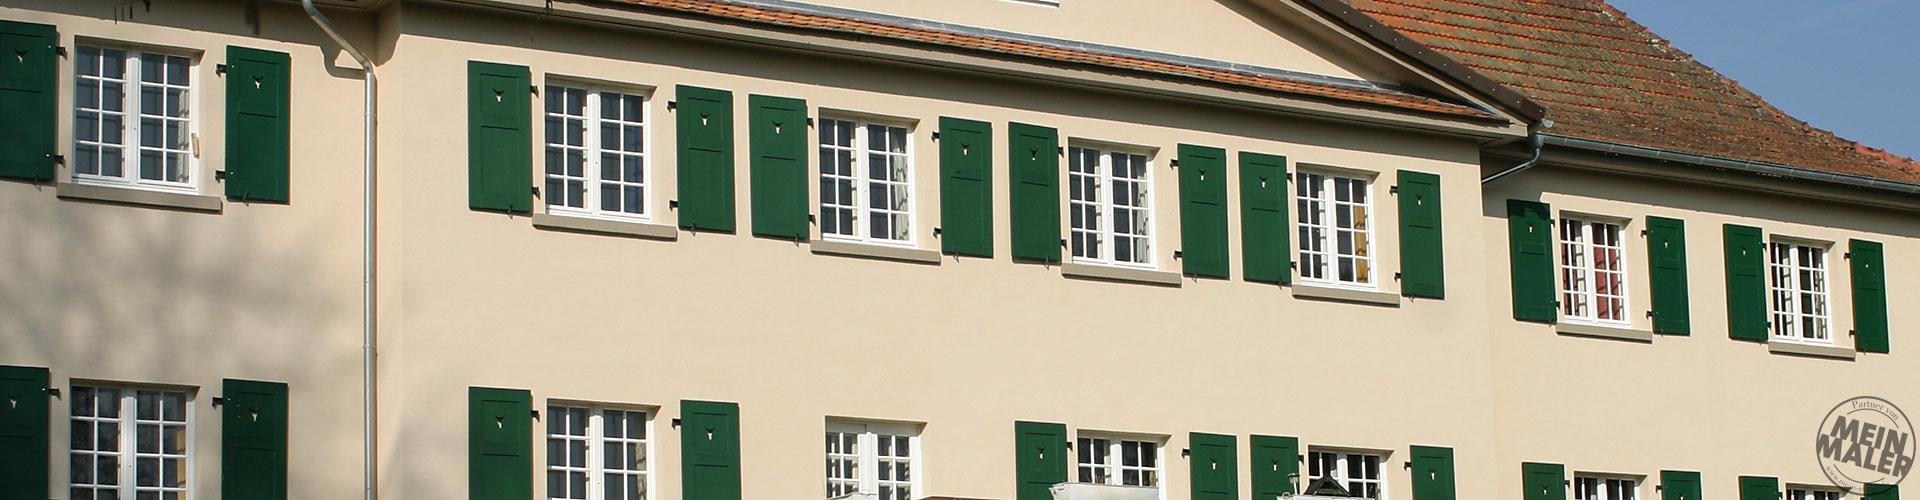 Fassaden / Sanierung Gutsherrenhaus Lauterbach / Fulda / Gießen